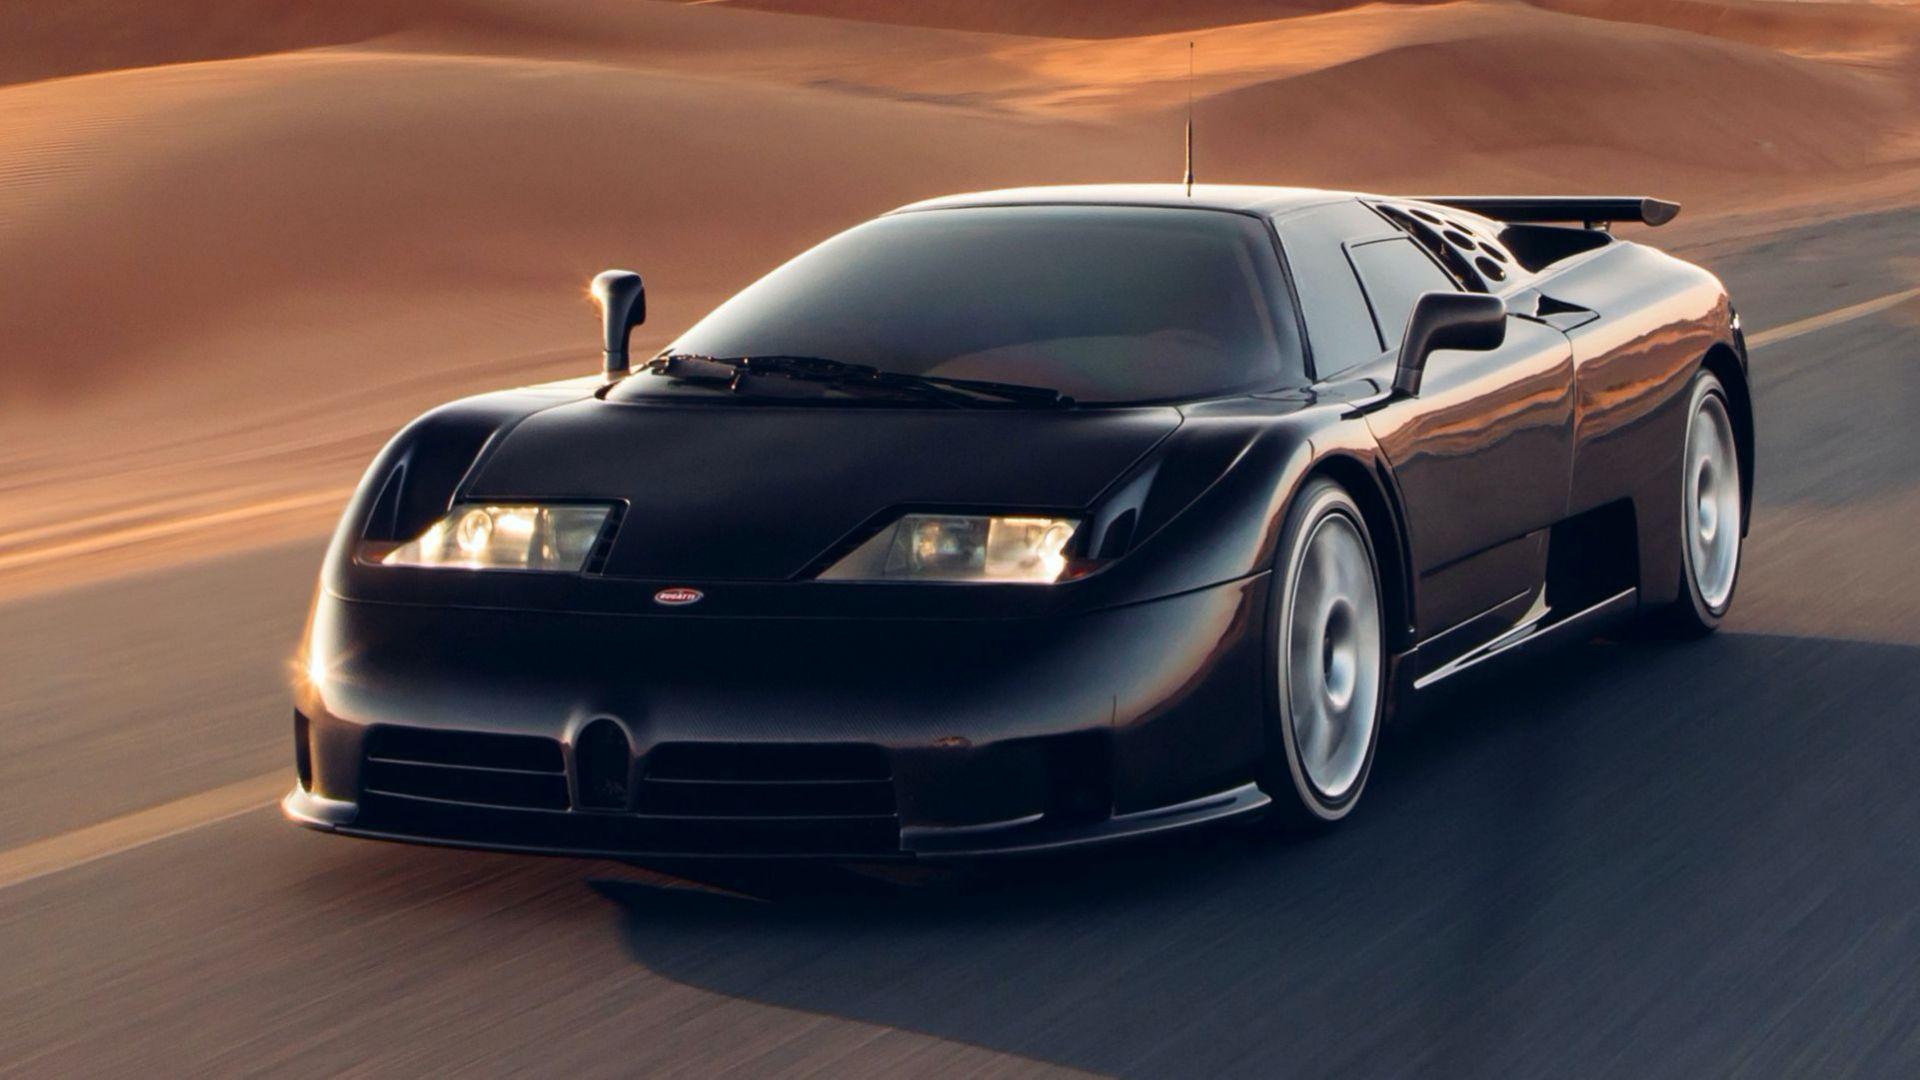 Bugatti-EB110-Super-Sport-1-1